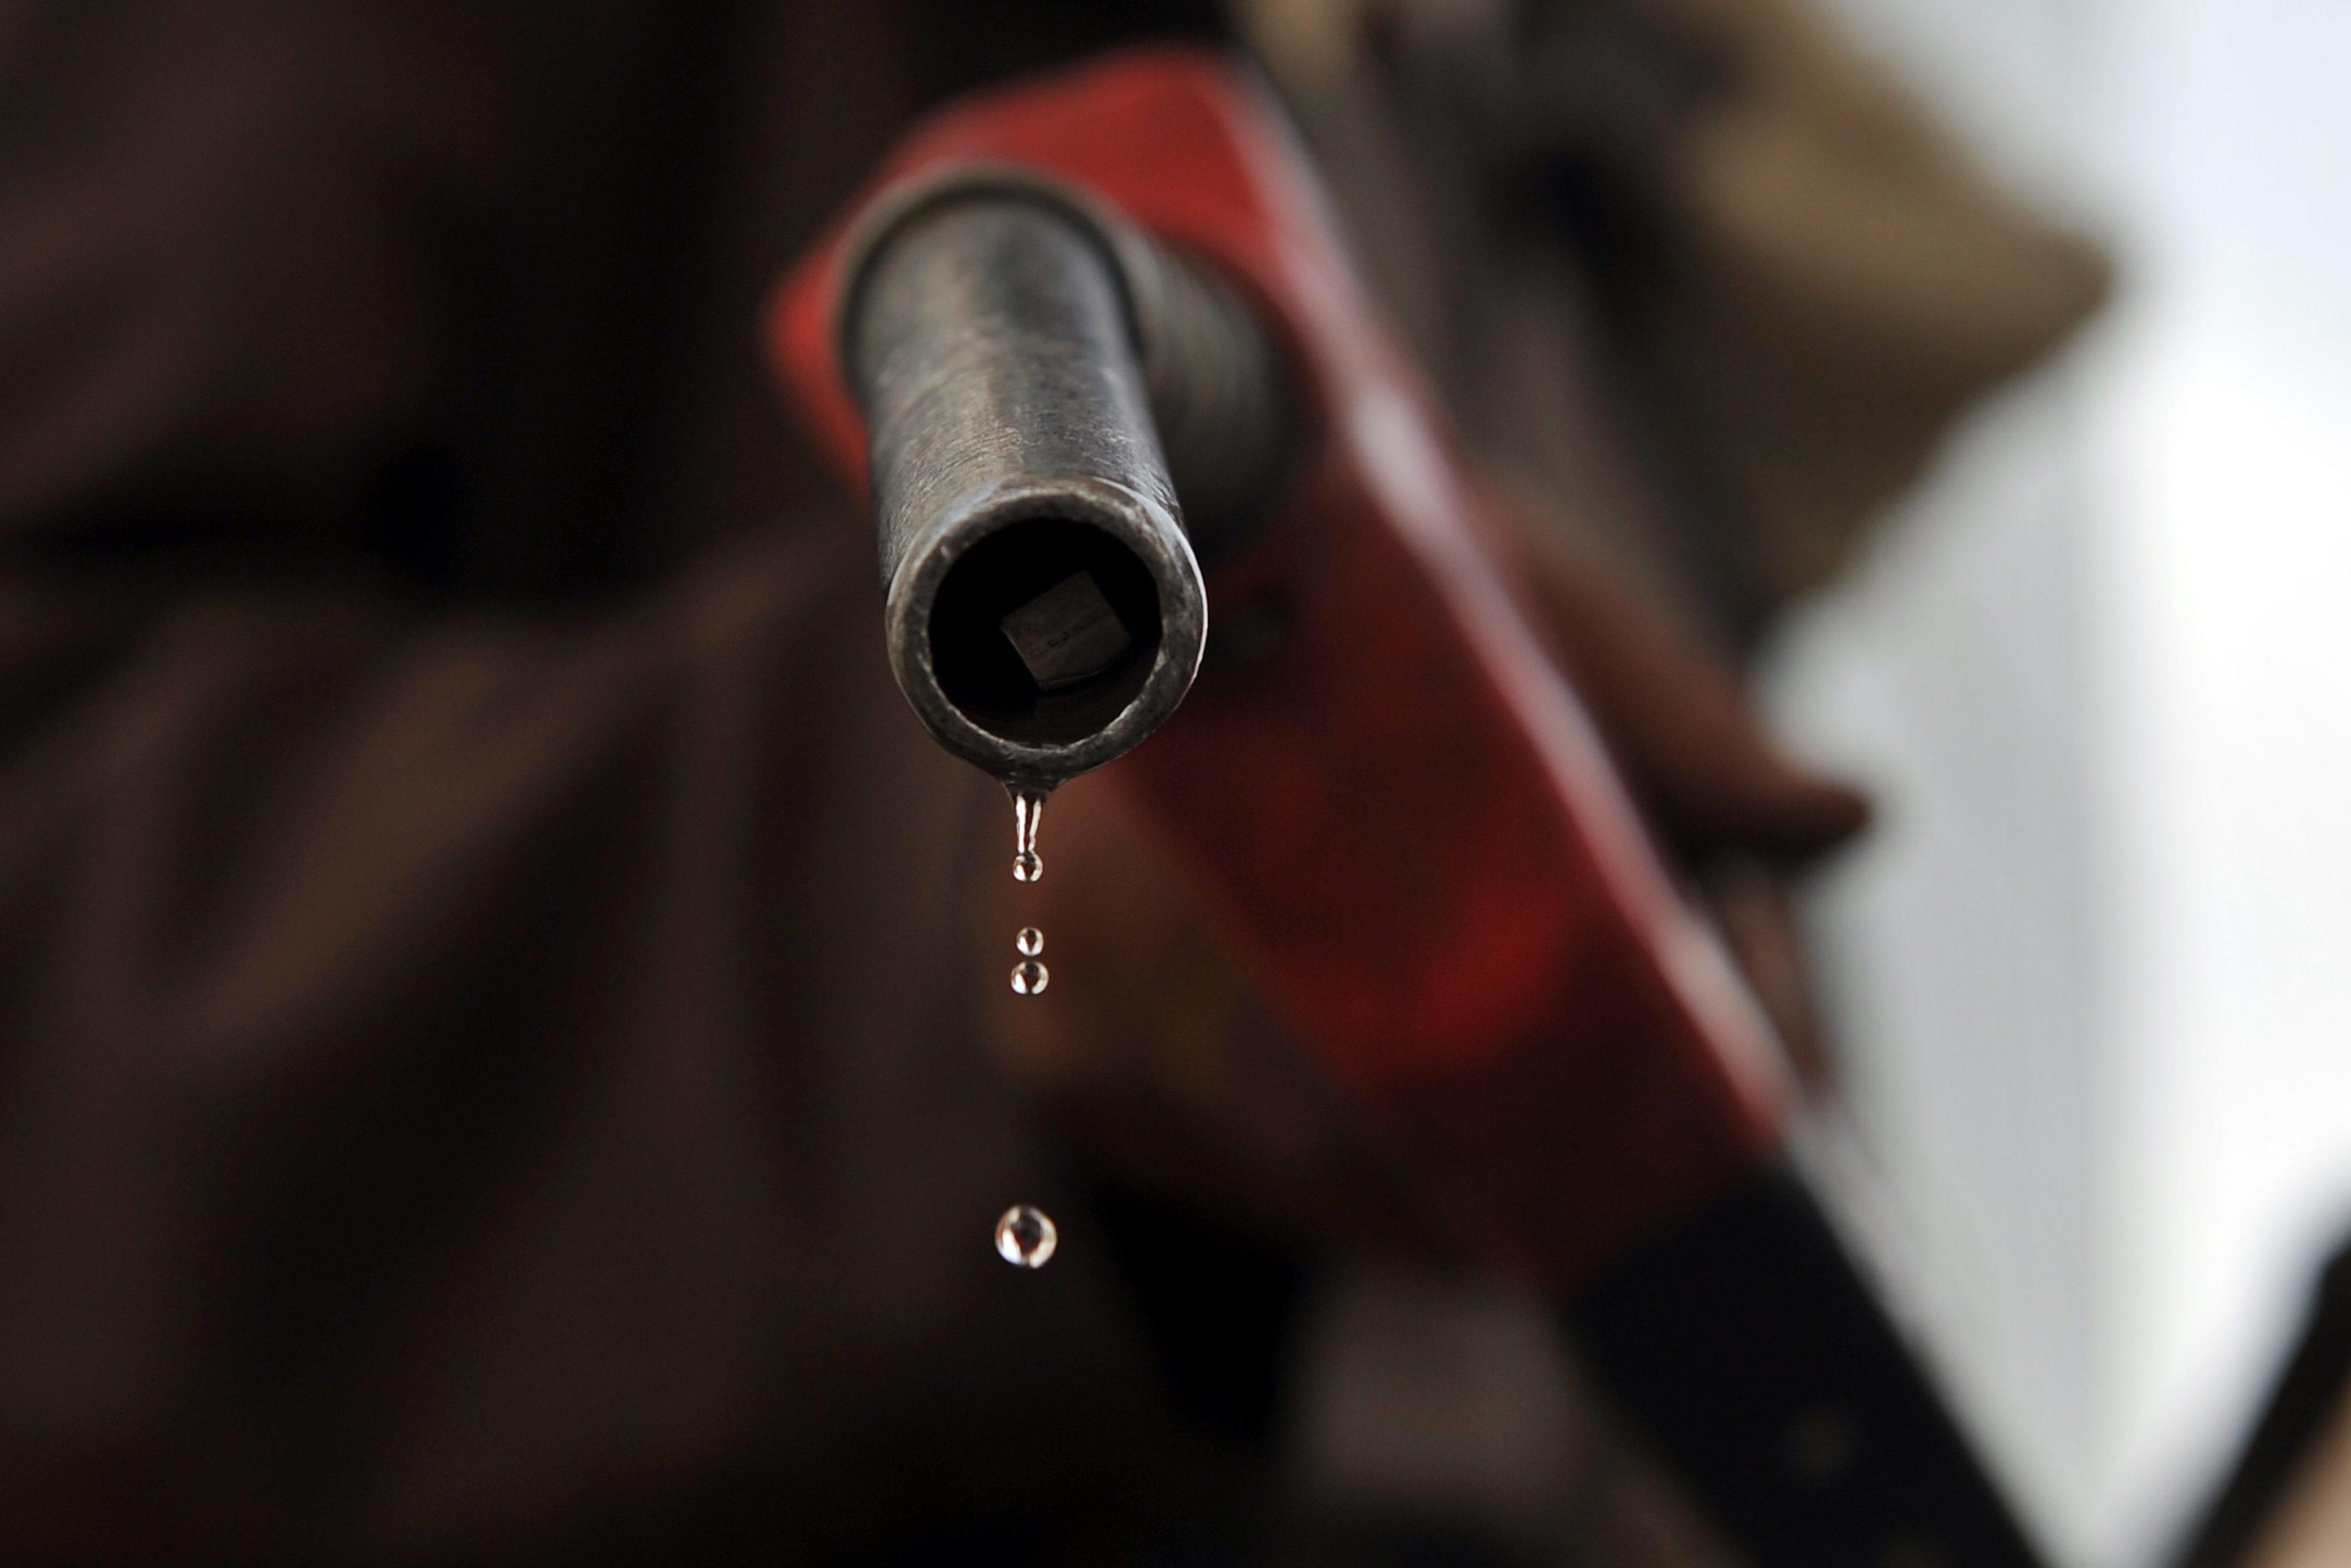 Aumento do preço de combustíveis em Moçambique ficou abaixo do calculado - Governo